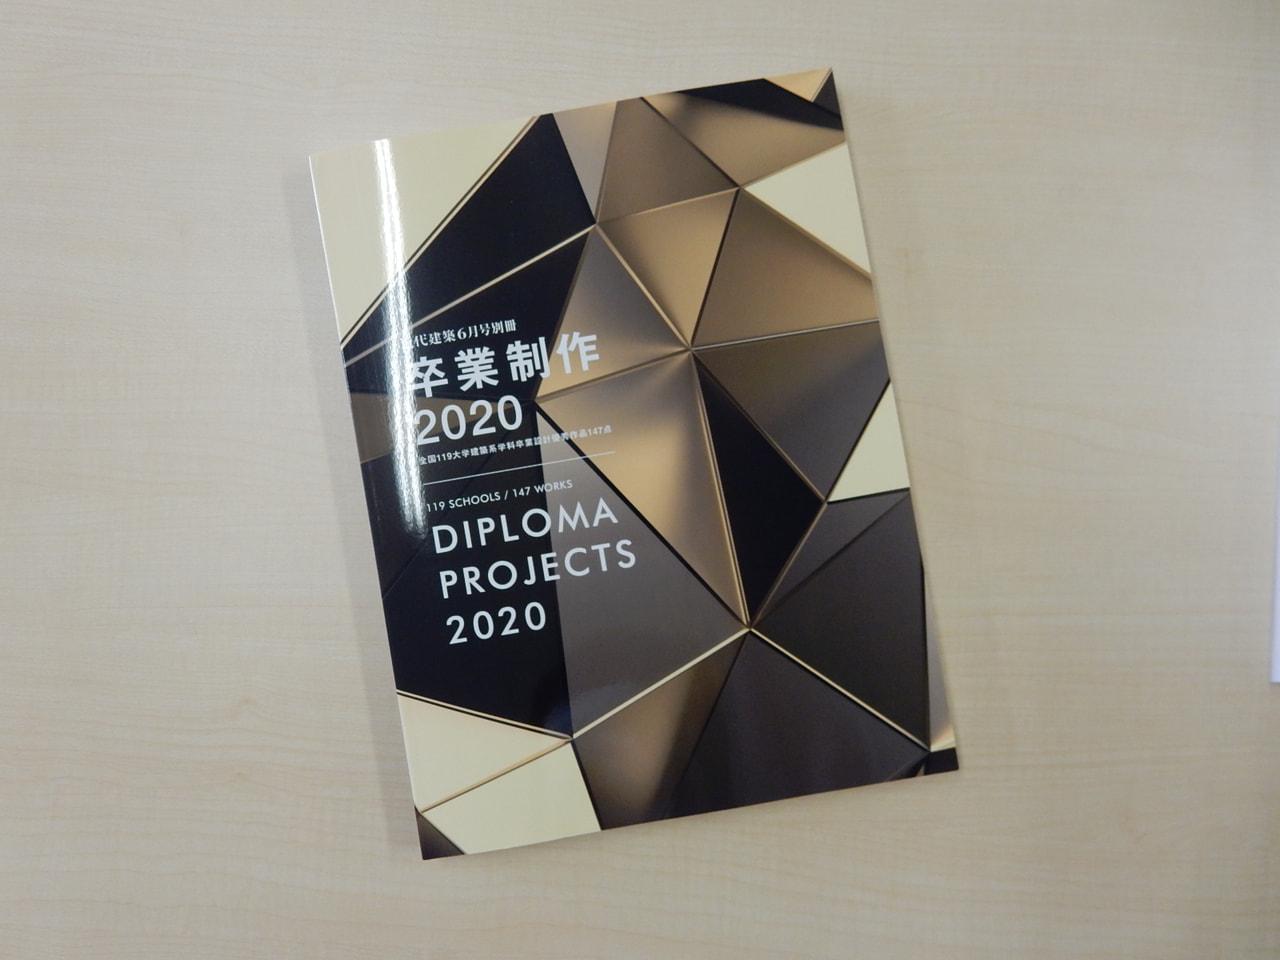 「近代建築6月号別冊 卒業制作2020」に卒業生の卒業設計が掲載されました